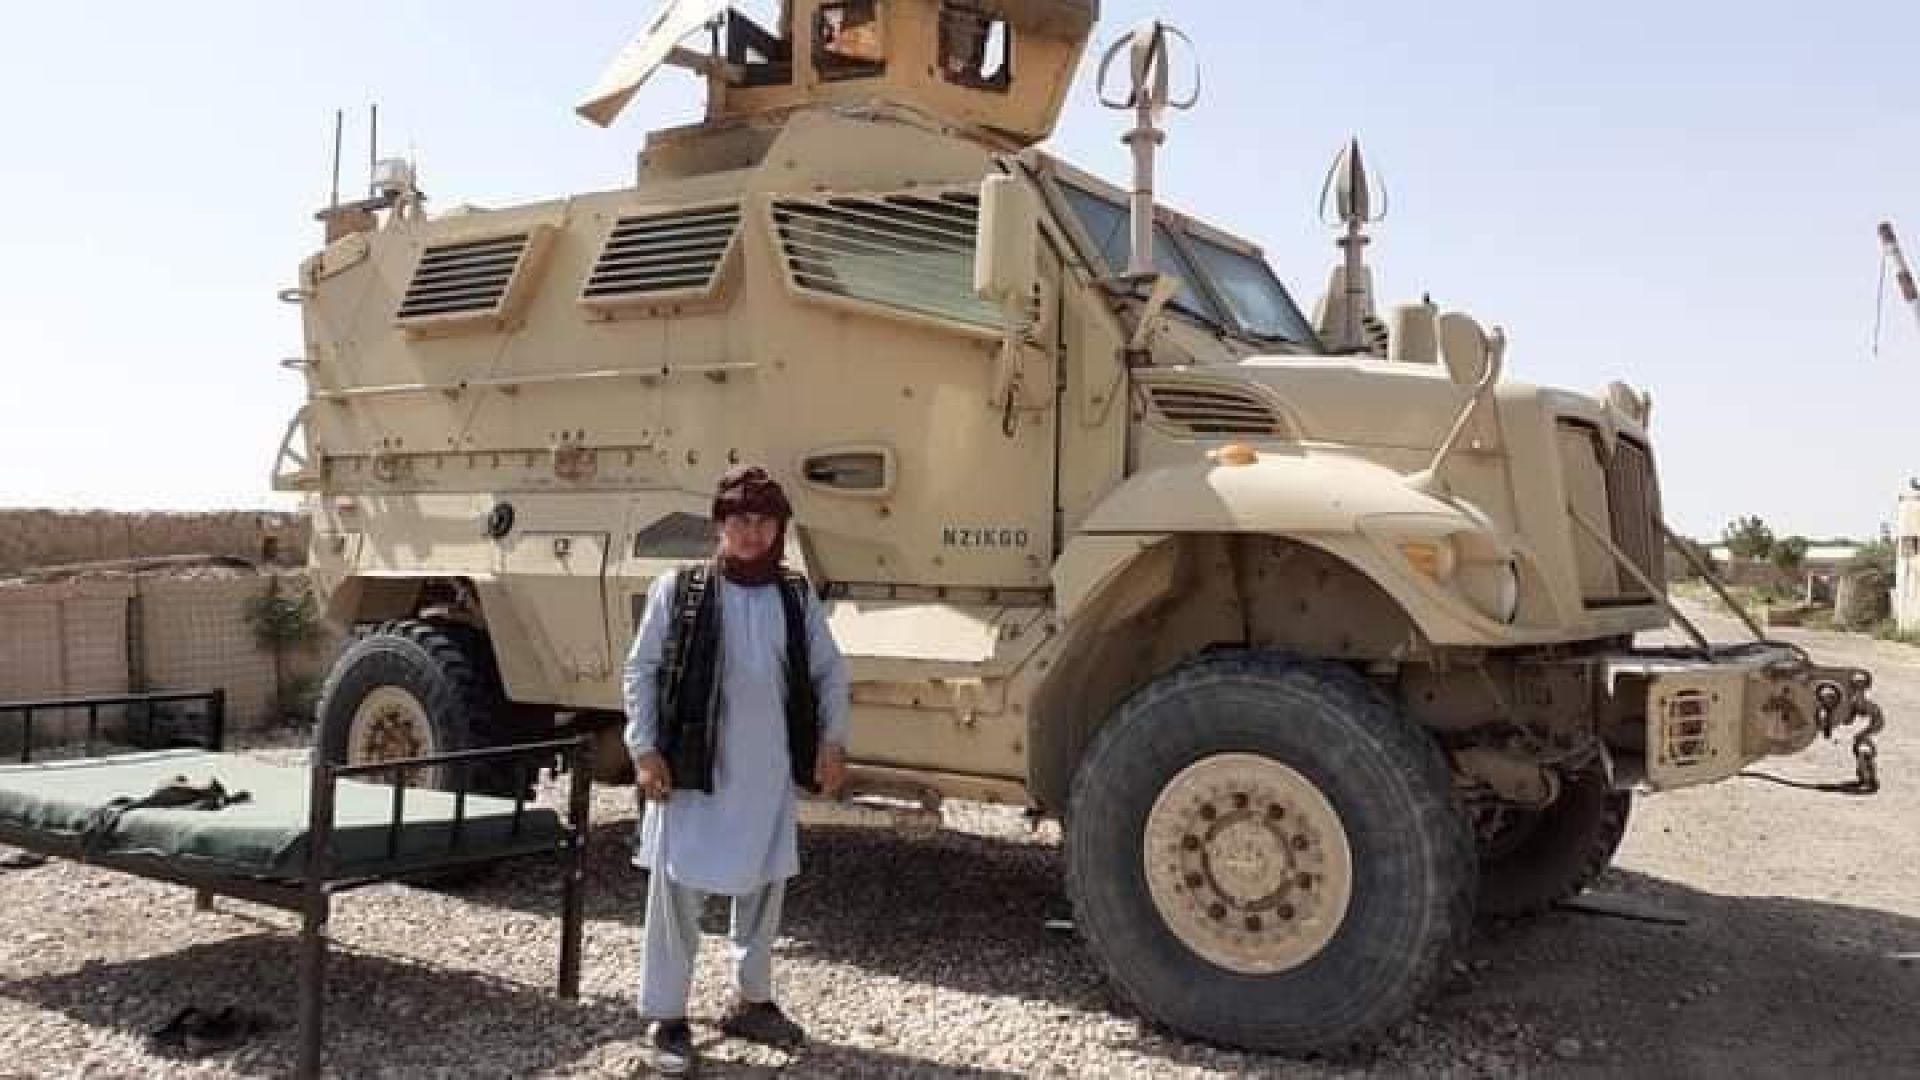 Една от многото американски бойни машини, пленени от талибаните